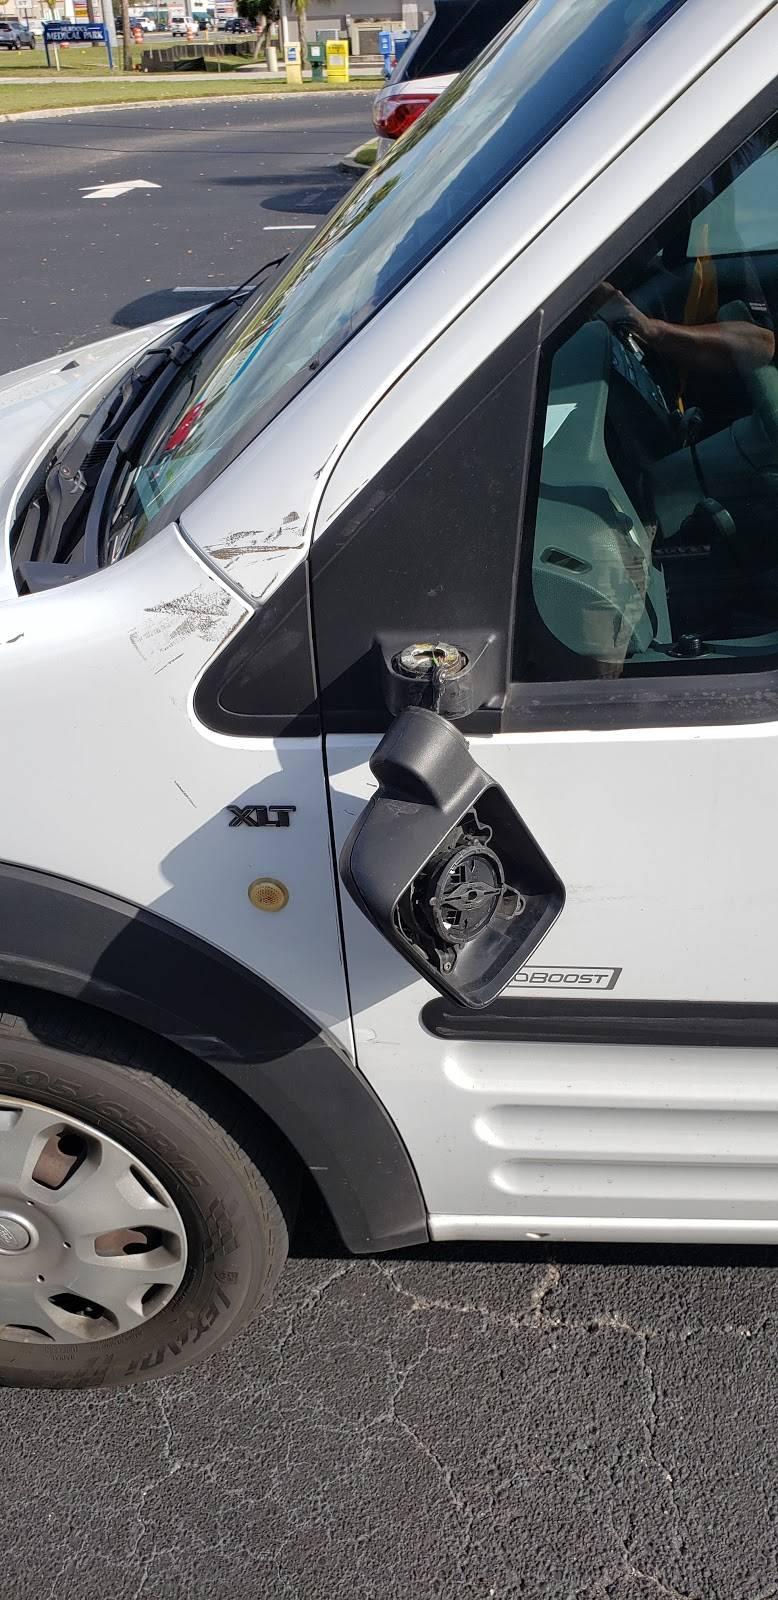 Jestany Auto - car repair    Photo 1 of 1   Address: 1340 12th St E, Palmetto, FL 34221, USA   Phone: (941) 981-5340